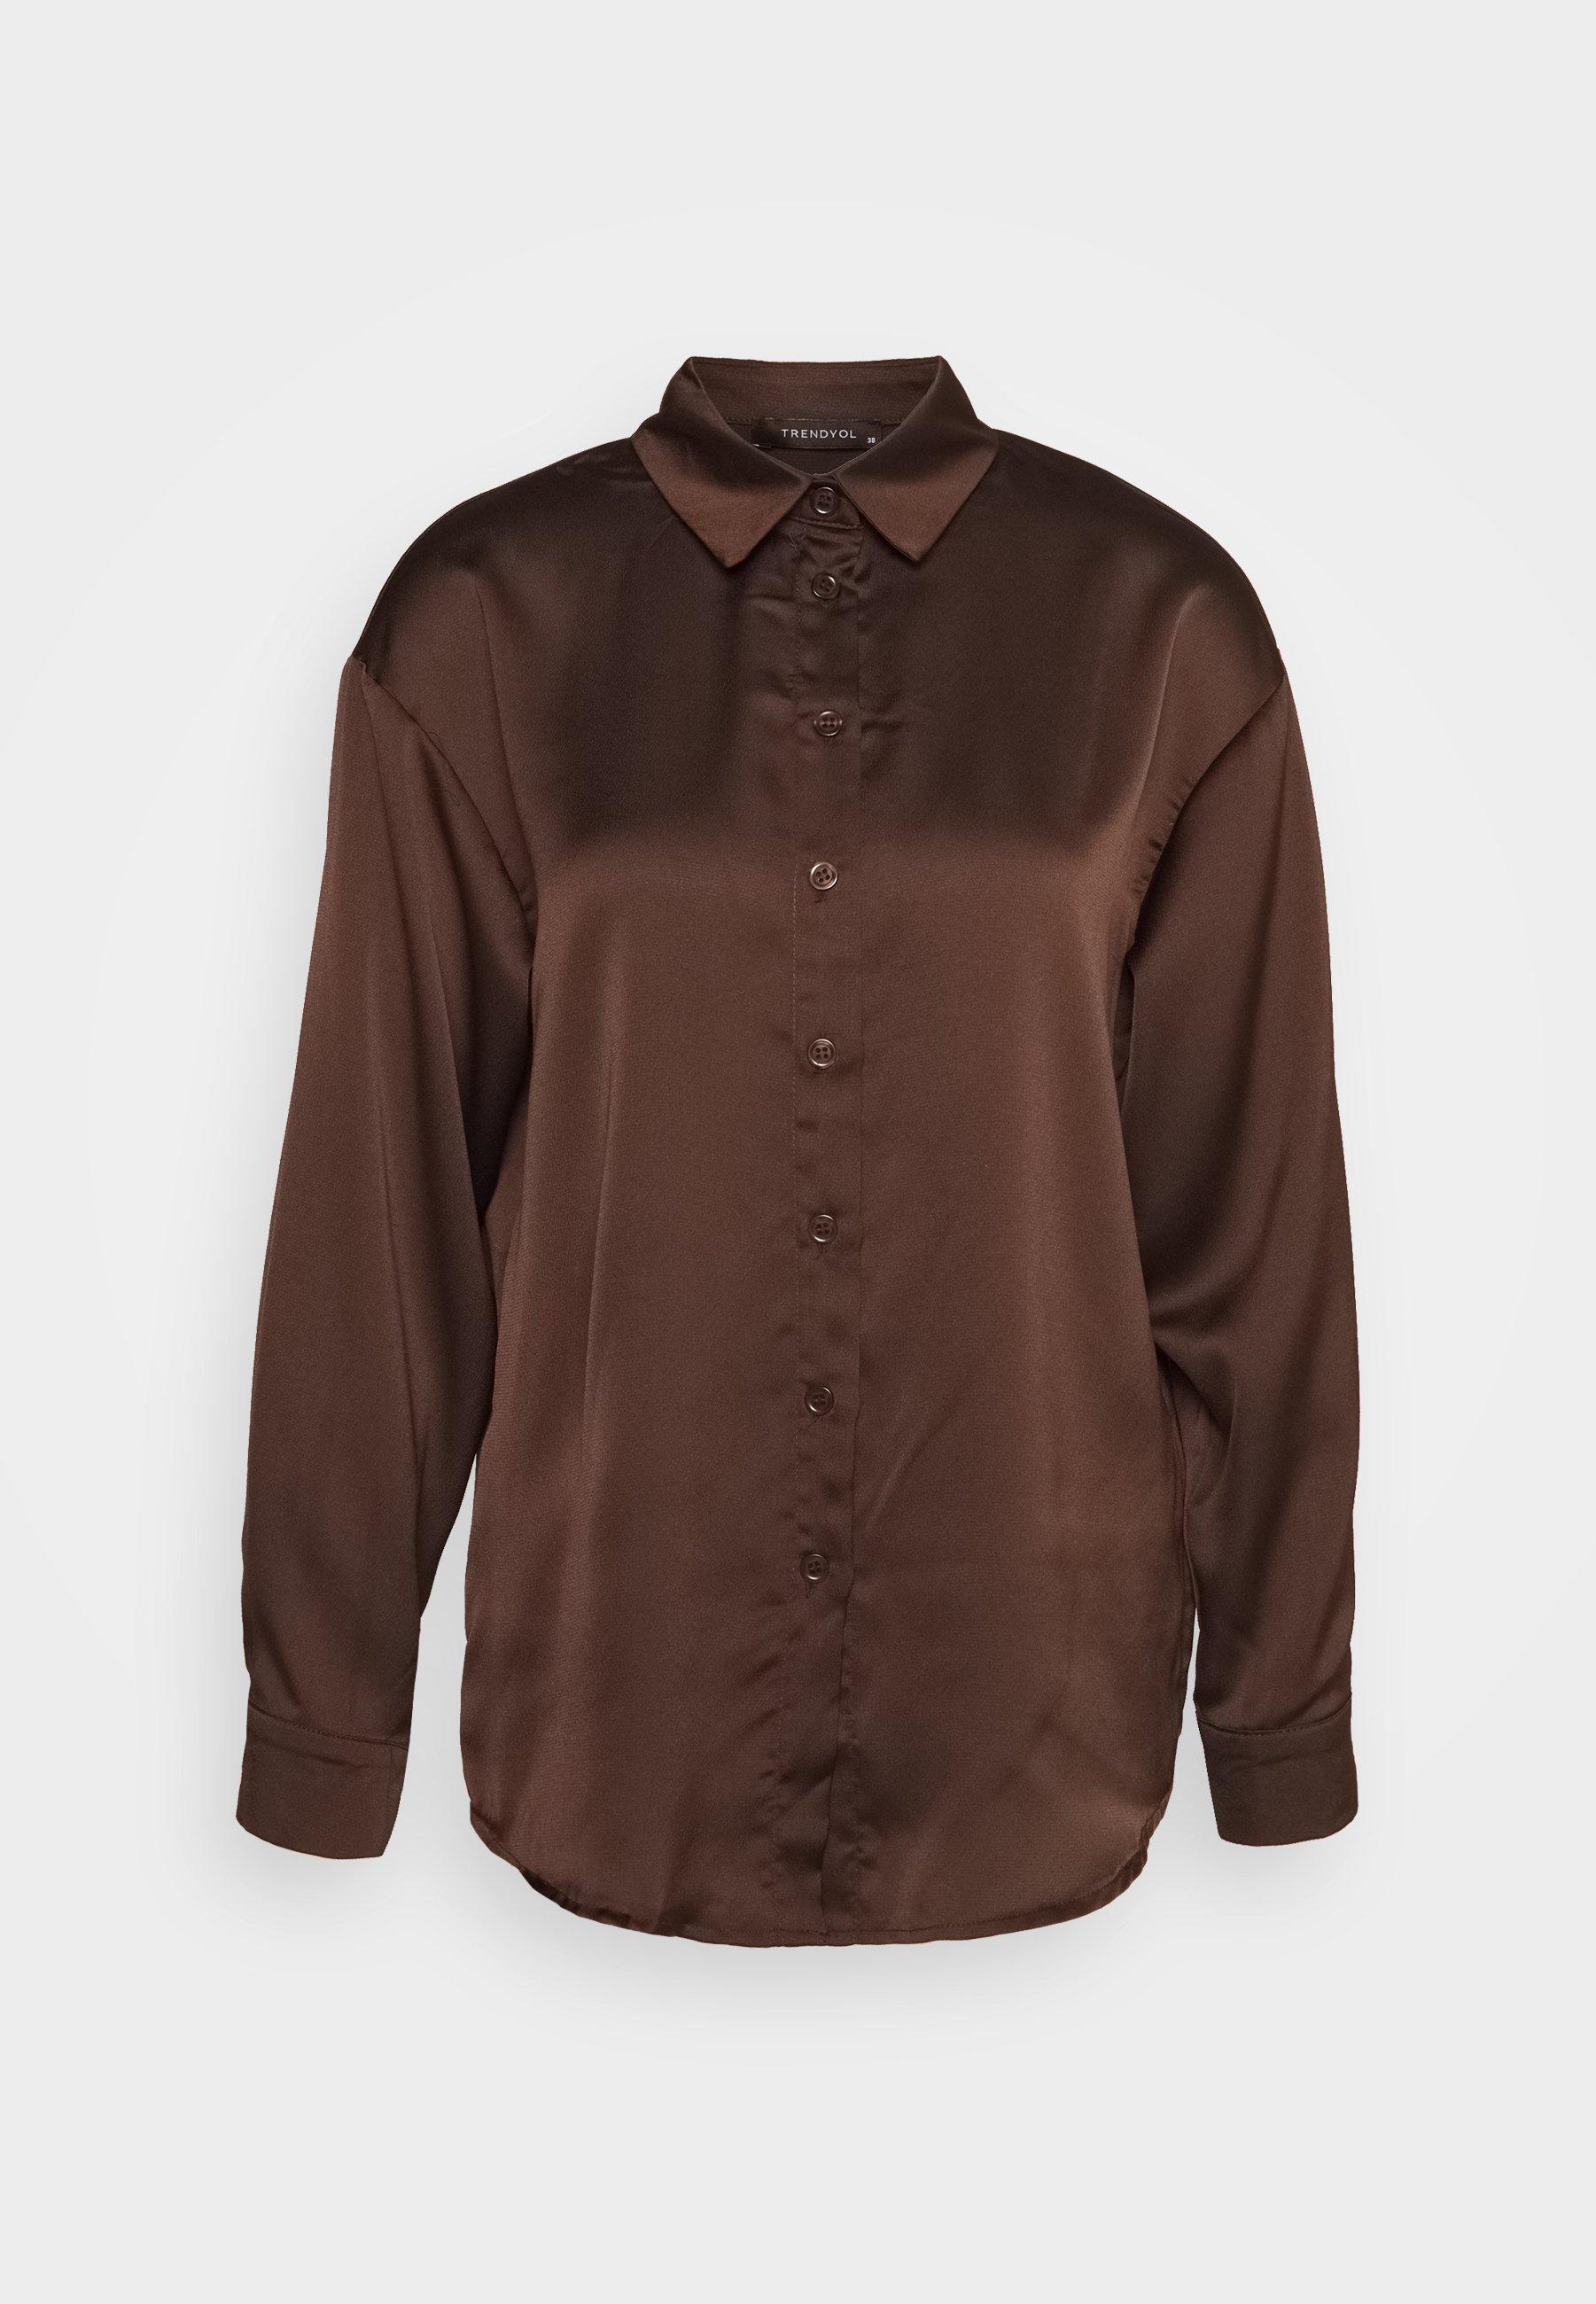 brun skjorte dame